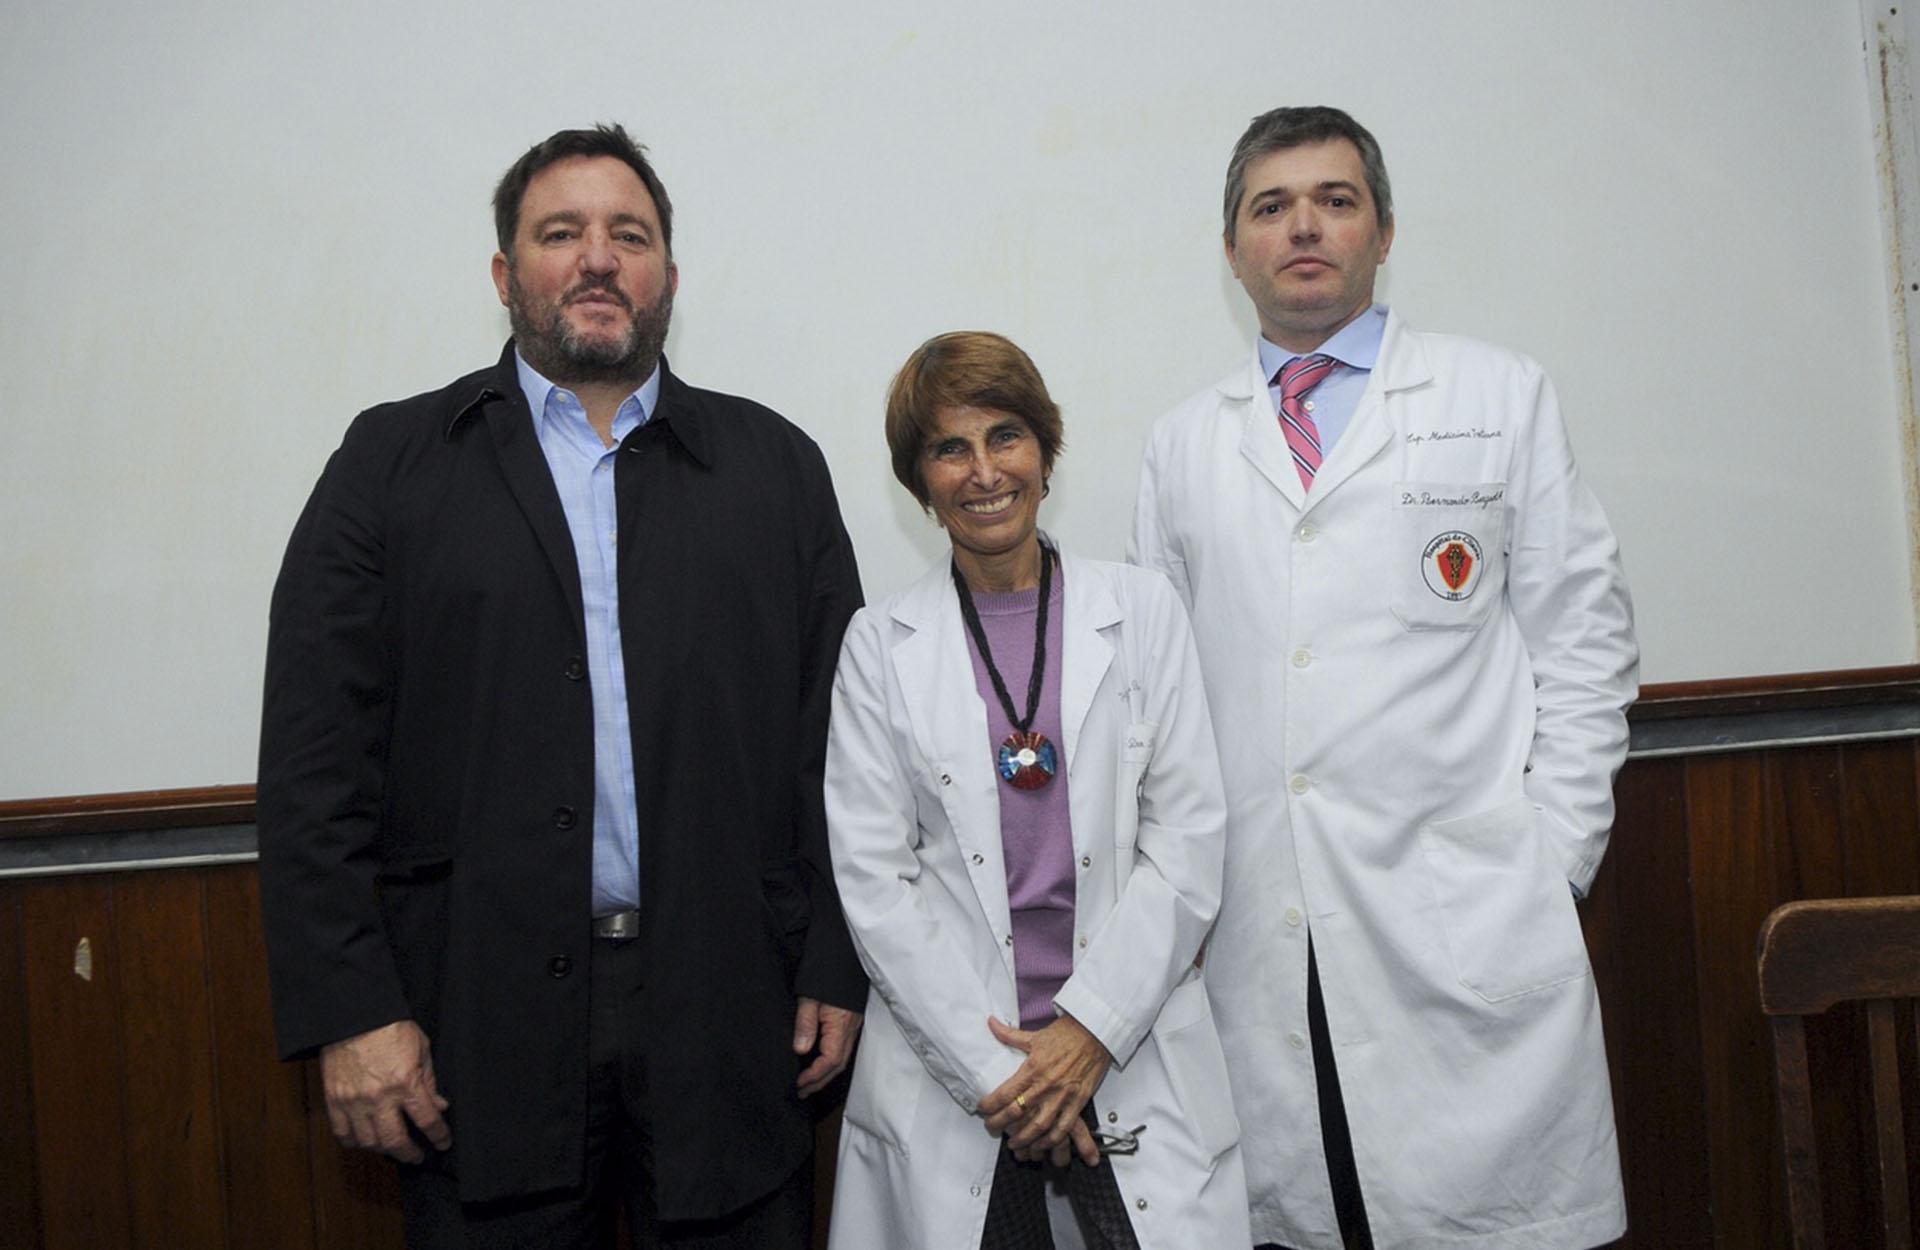 Alejandro Macfarlane, presidente de la Fundación Hospital de Clínicas; junto a Ana Balanzat, jefa del departamento de Pediatría, y Bernardo Bergroth, director general del Hospital